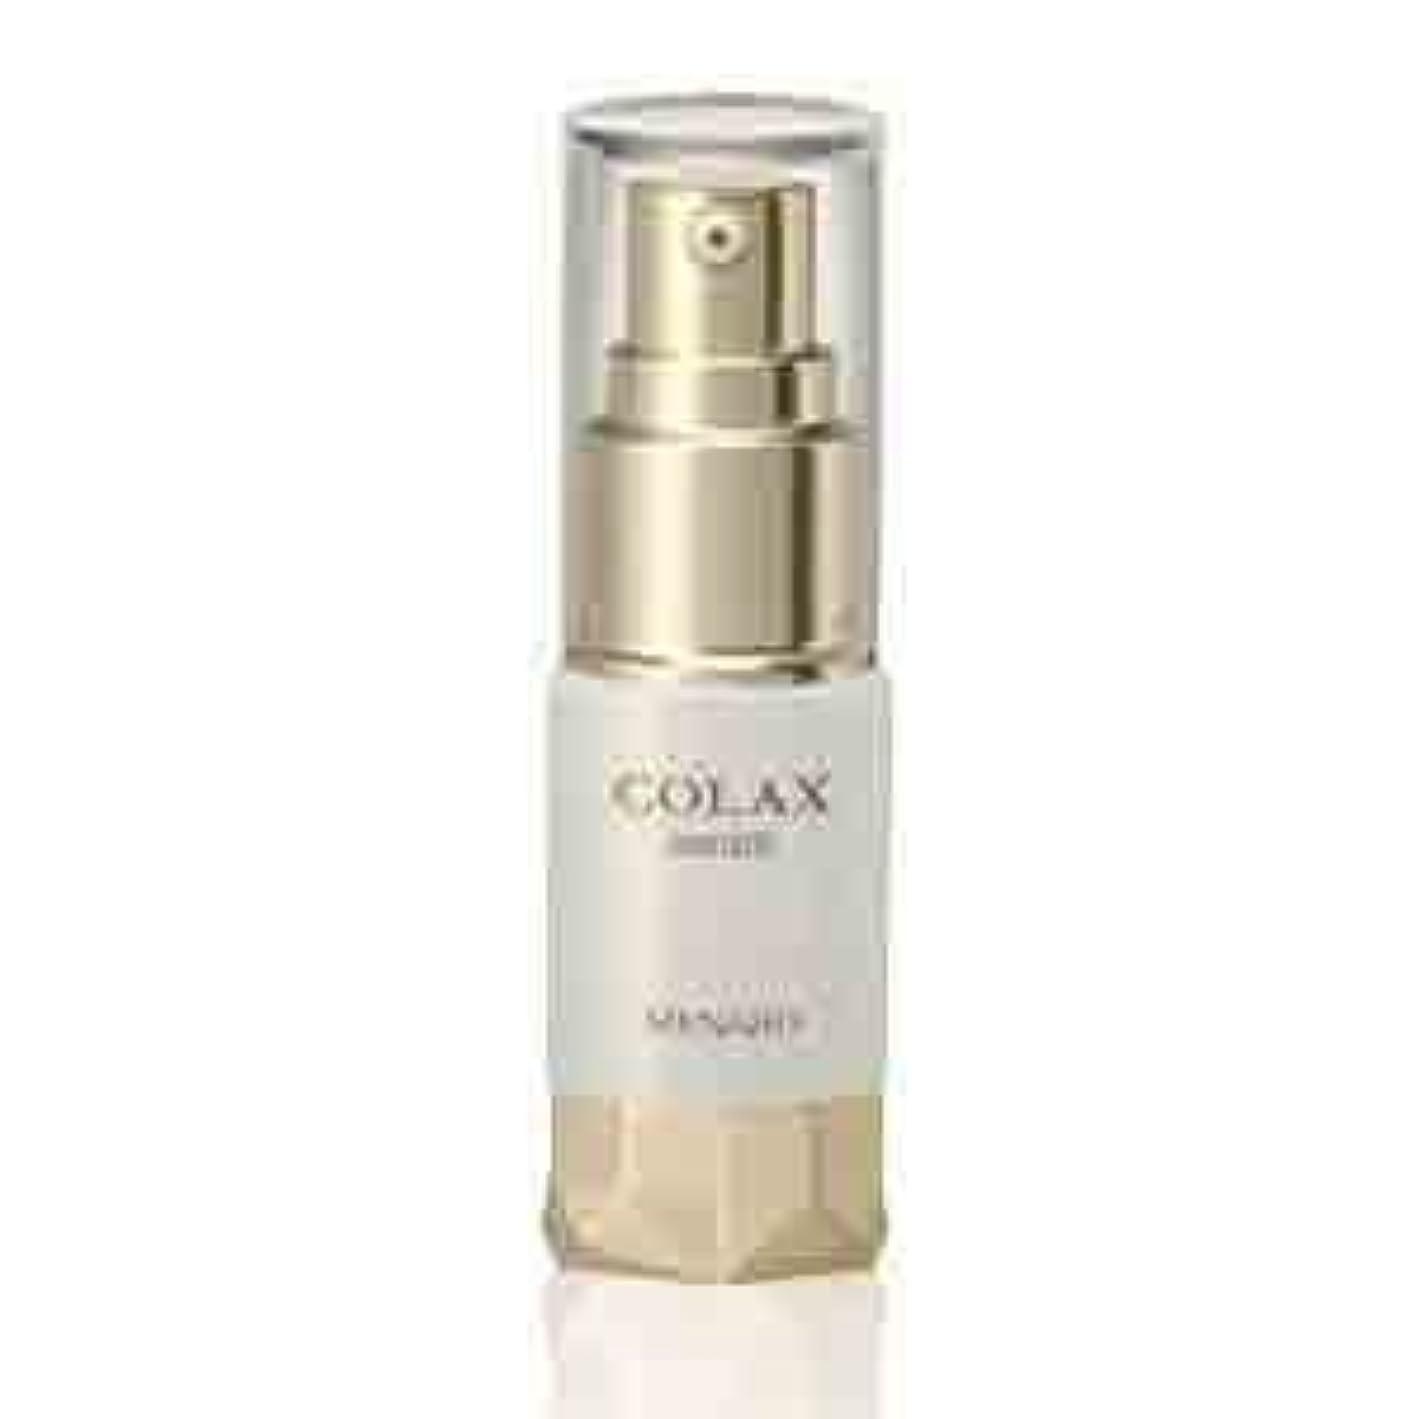 お香ボットぞっとするようなメナード コラックスB 21mL しっとりとしたうるおいを与え、豊潤な肌へ導く美容液!